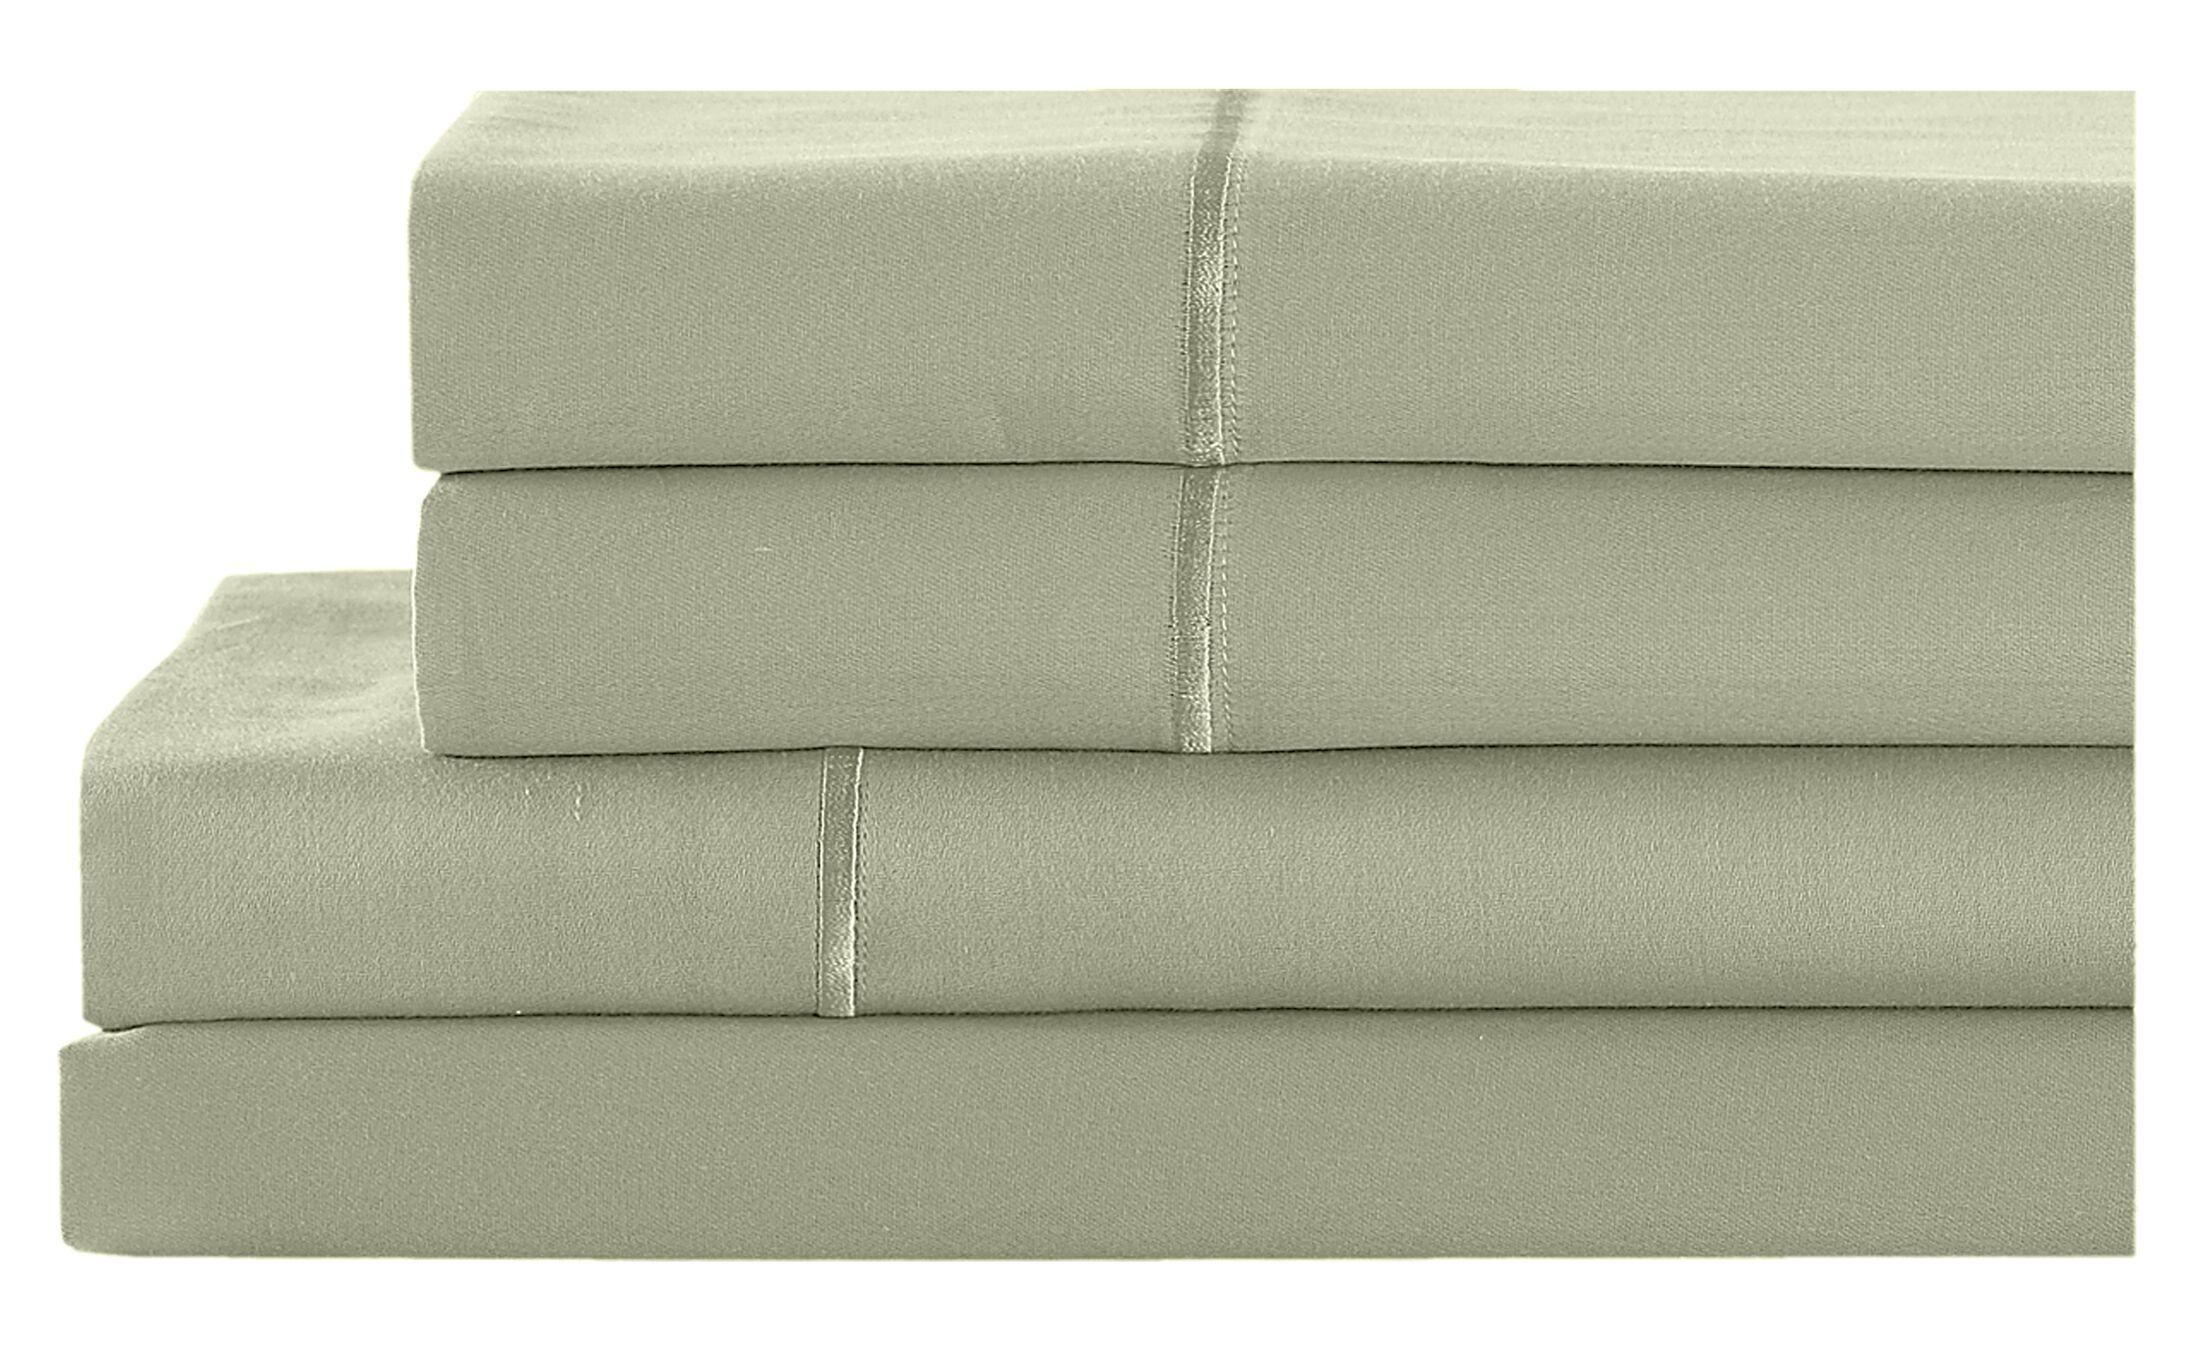 4 Piece 400 Thread Count 100% Cotton Sheet Set Size: Queen, Color: Sage